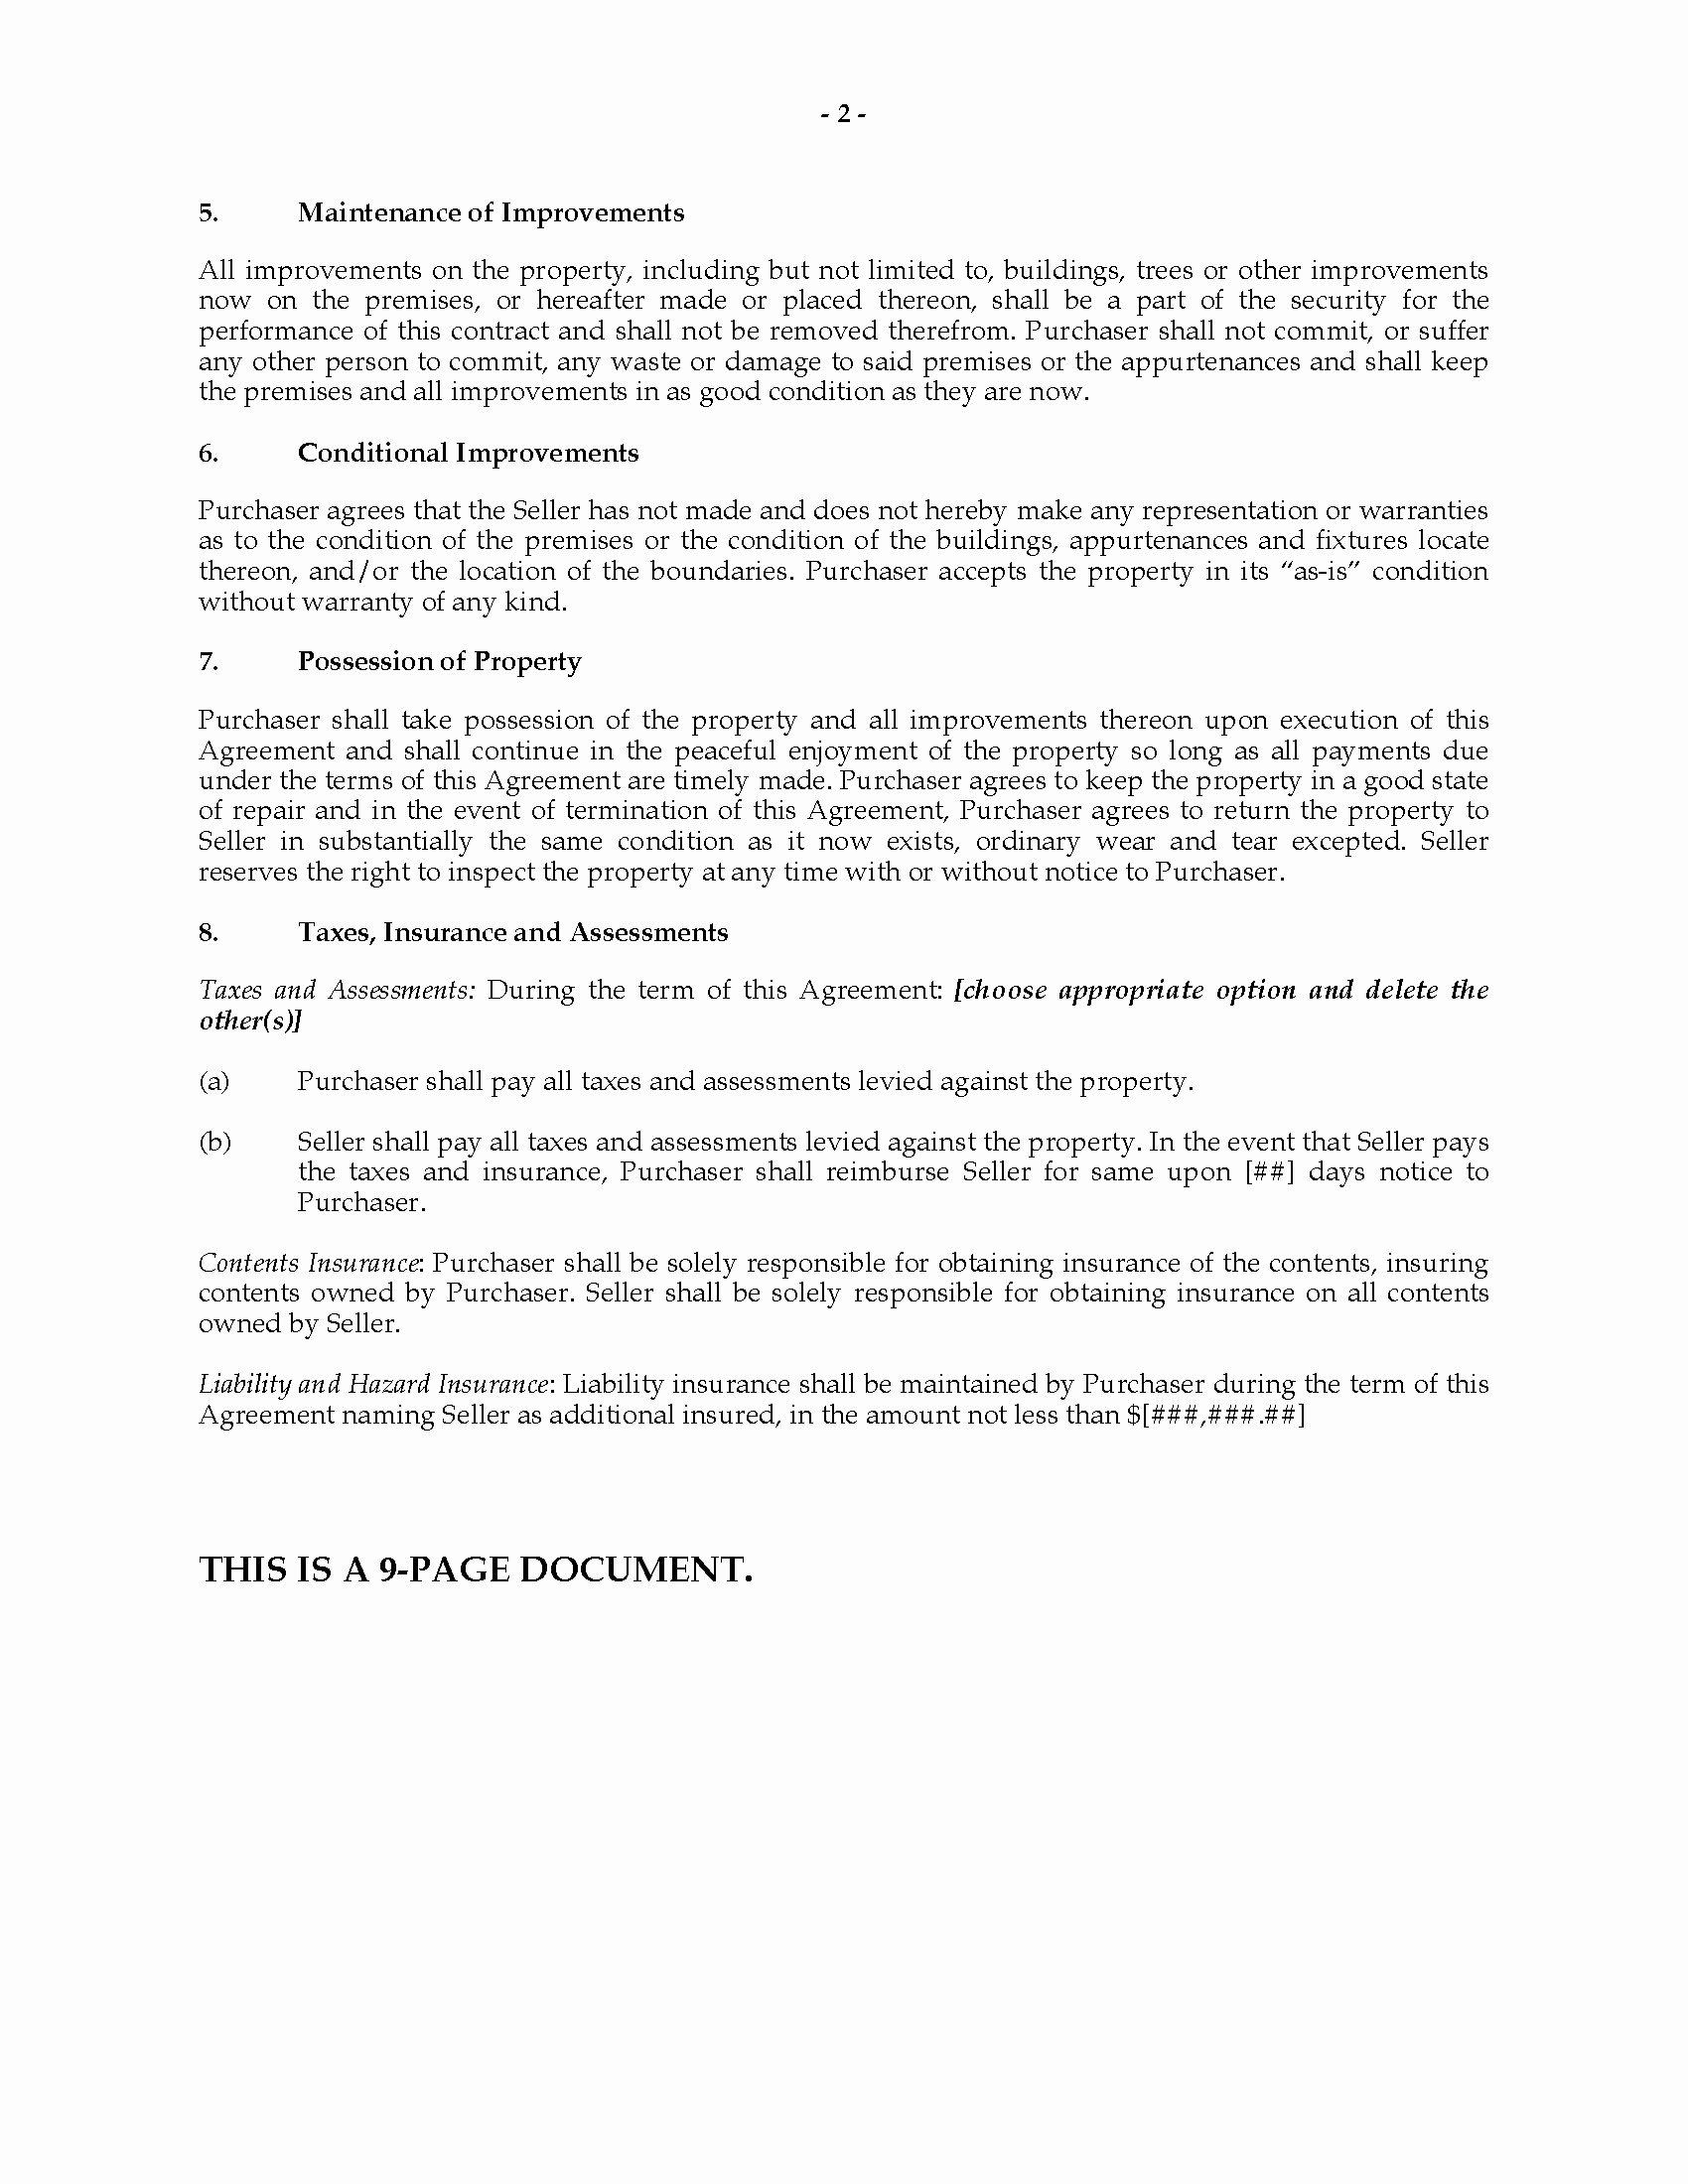 Ohio Installment Land Contract